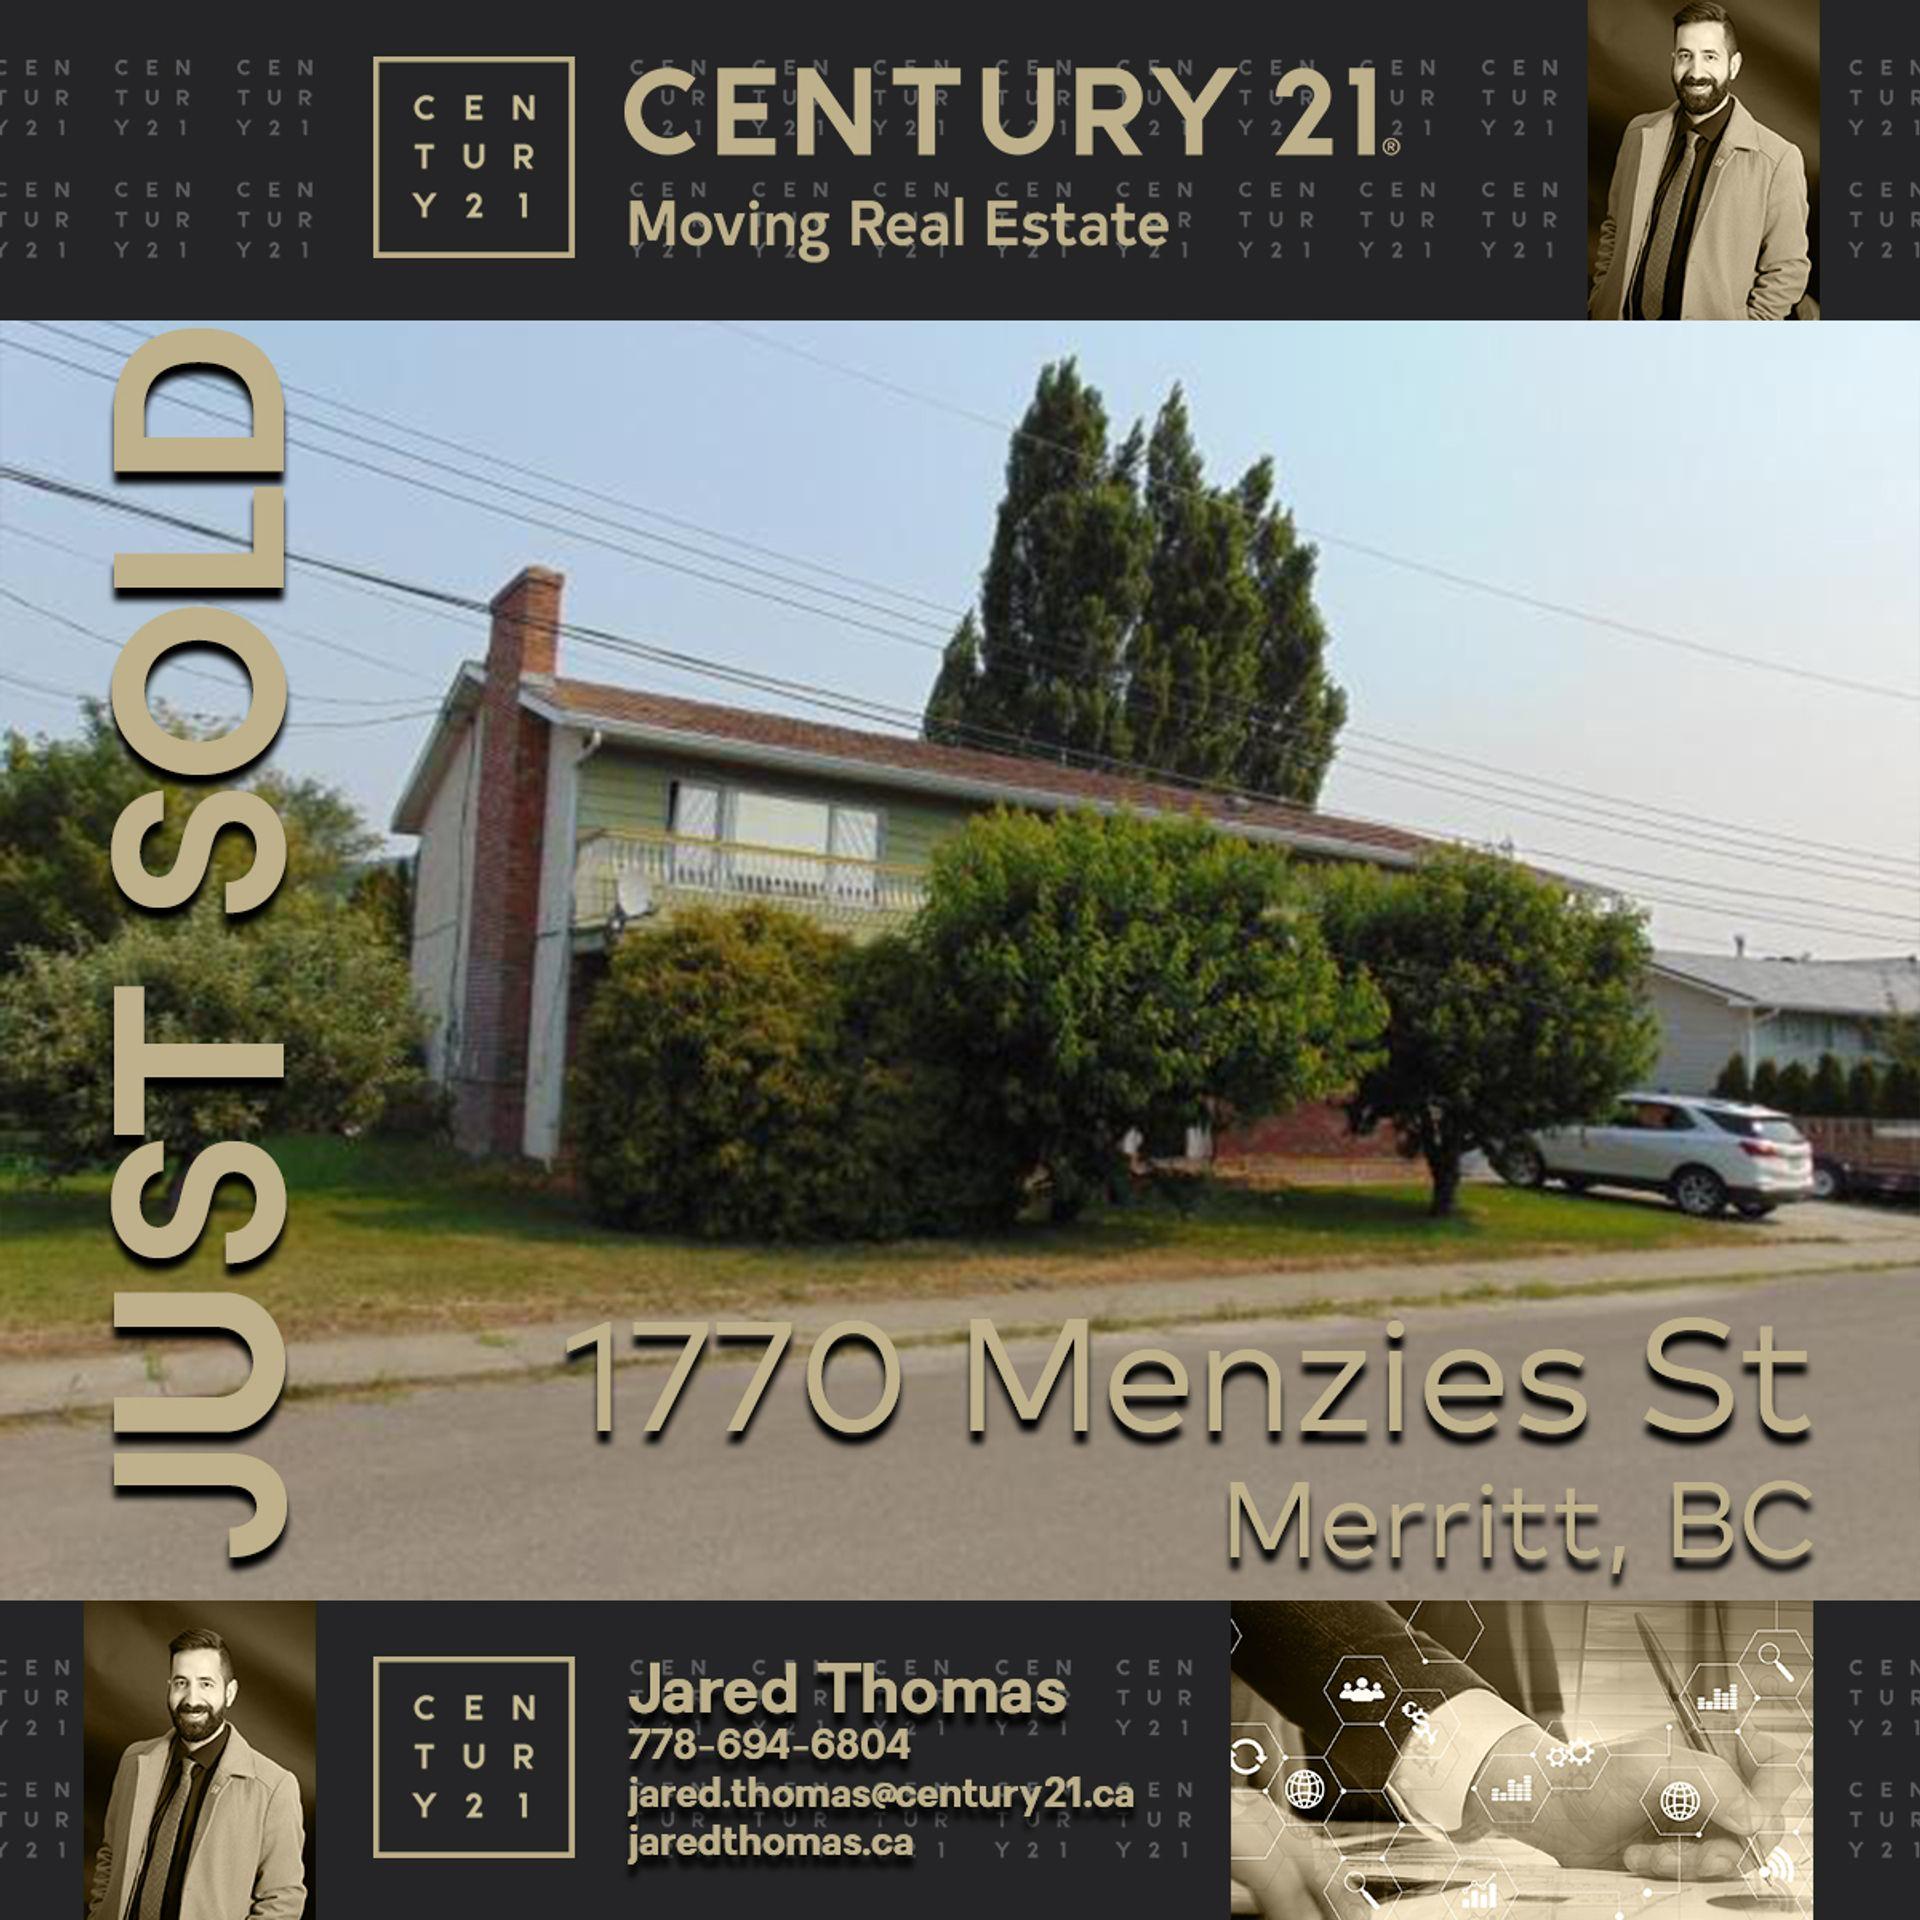 1770 Menzies Street, Merritt, South West